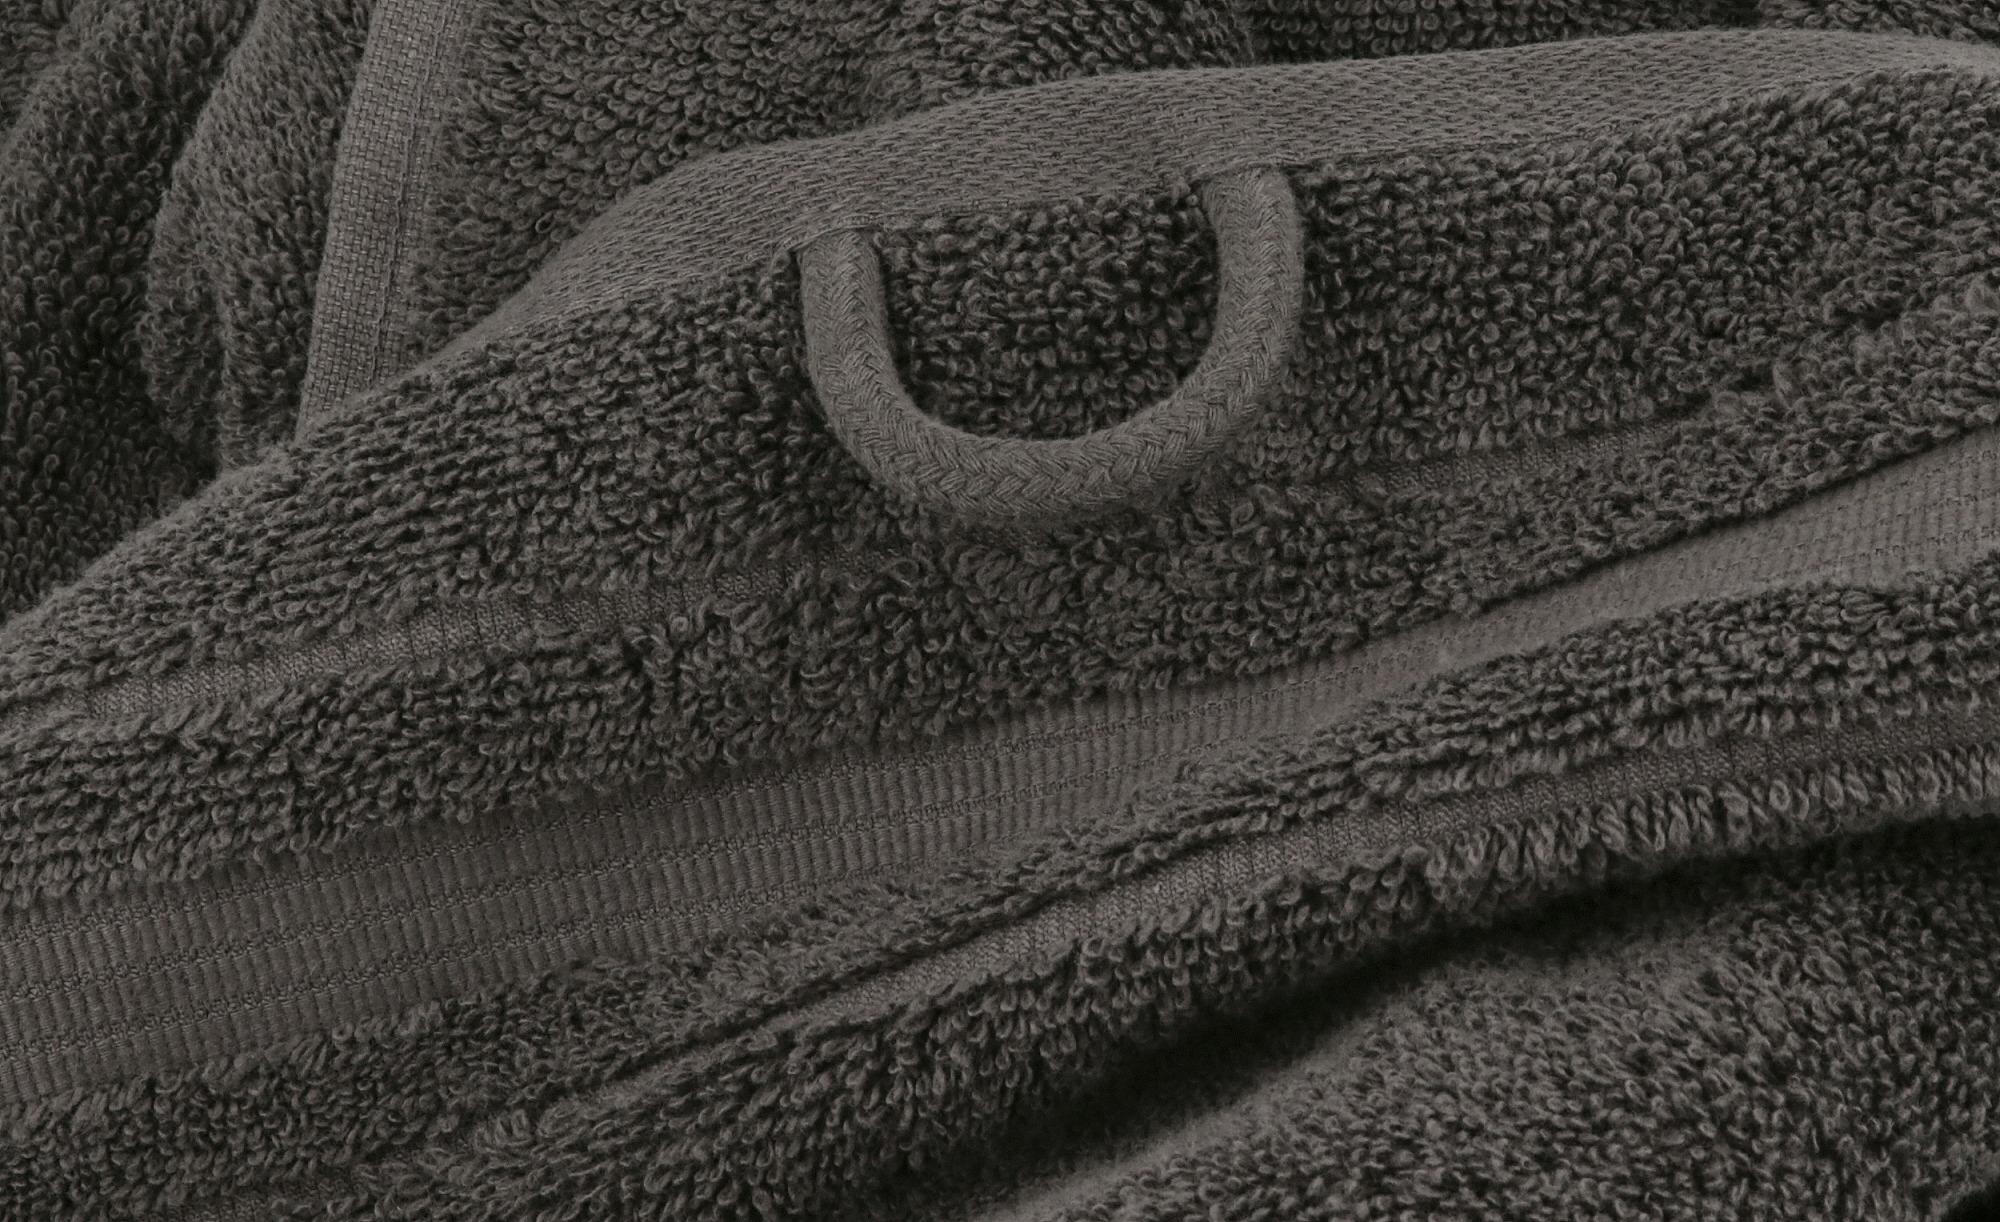 VOSSEN Badetuch  Soft Dreams ¦ grau ¦ 100% Baumwolle ¦ Maße (cm): B: 100 Badtextilien und Zubehör > Badetücher > Badetücher 100x150 cm - Höffner